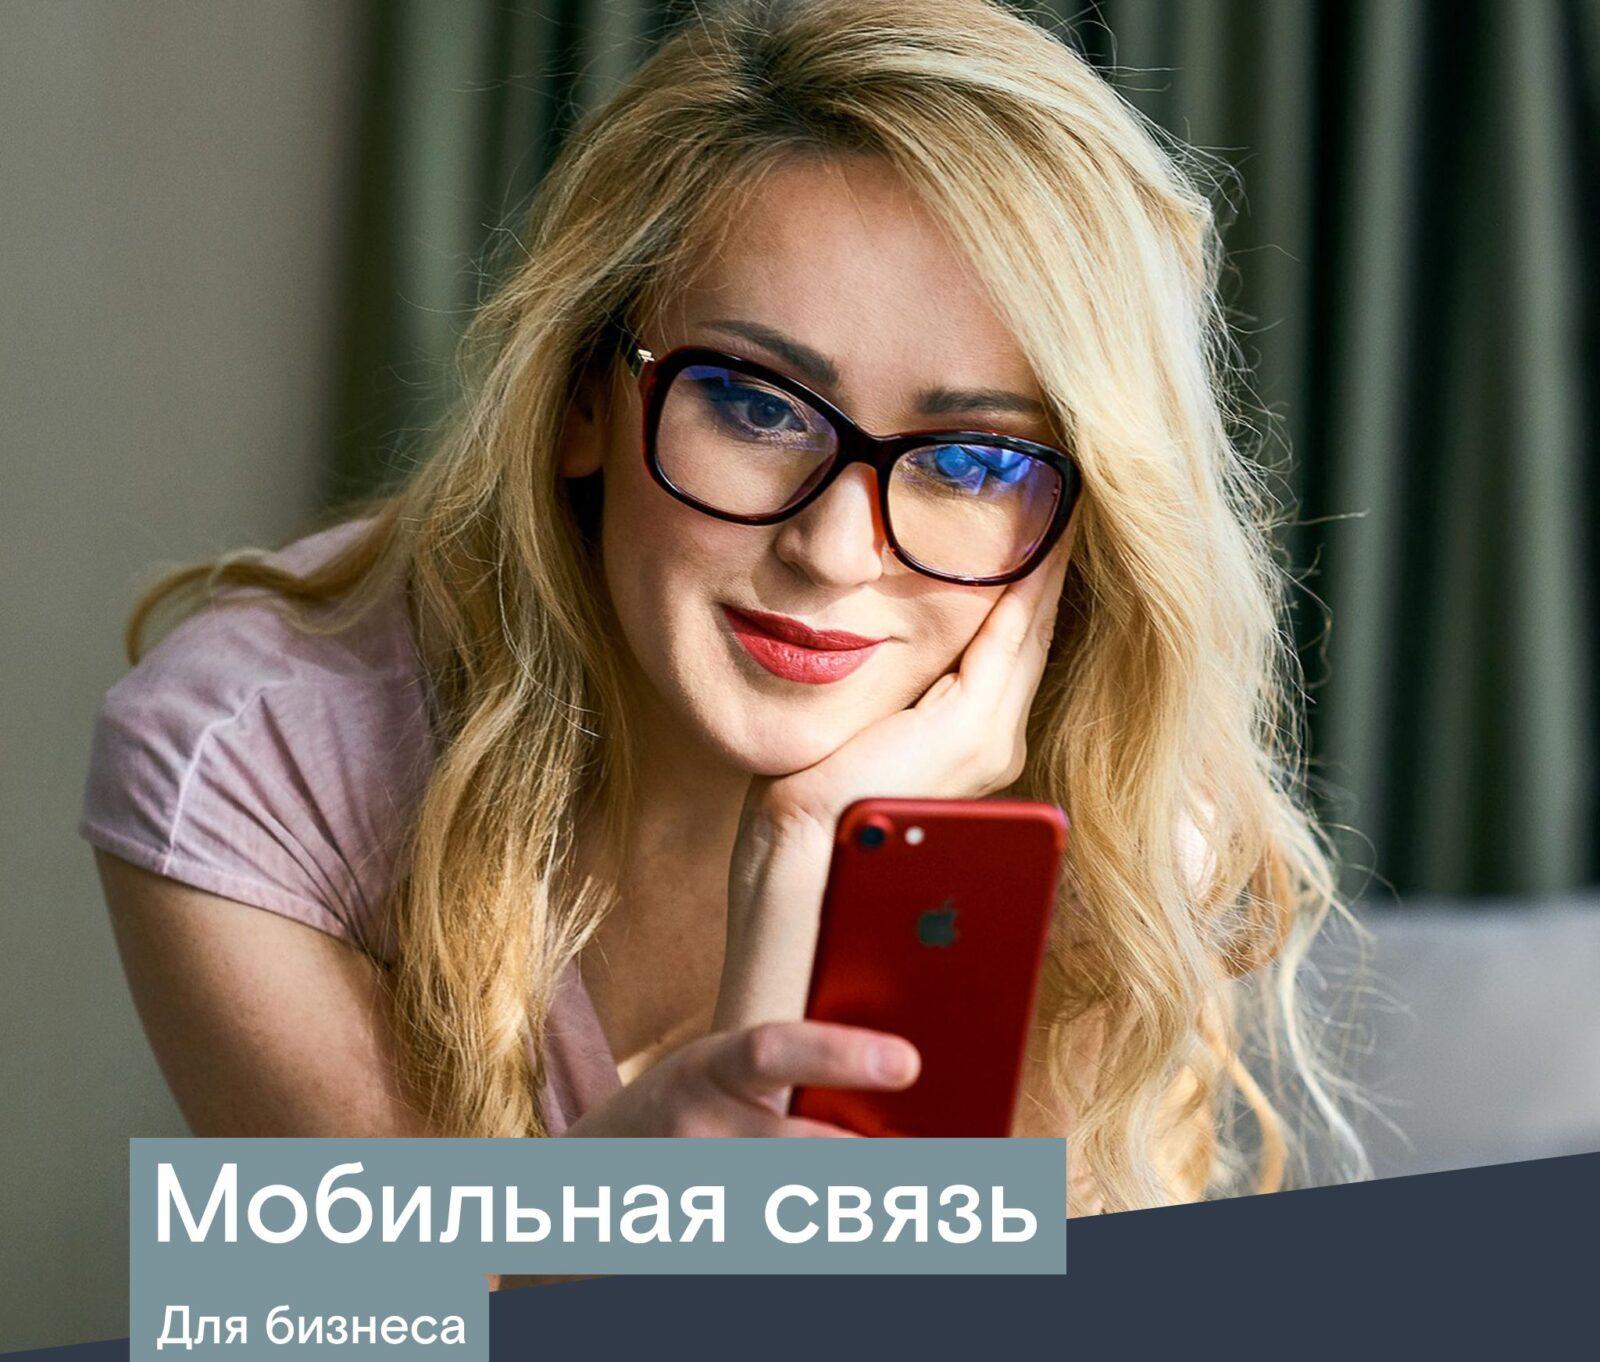 Тверской бизнес выбирает мобильную связь от «Ростелекома»